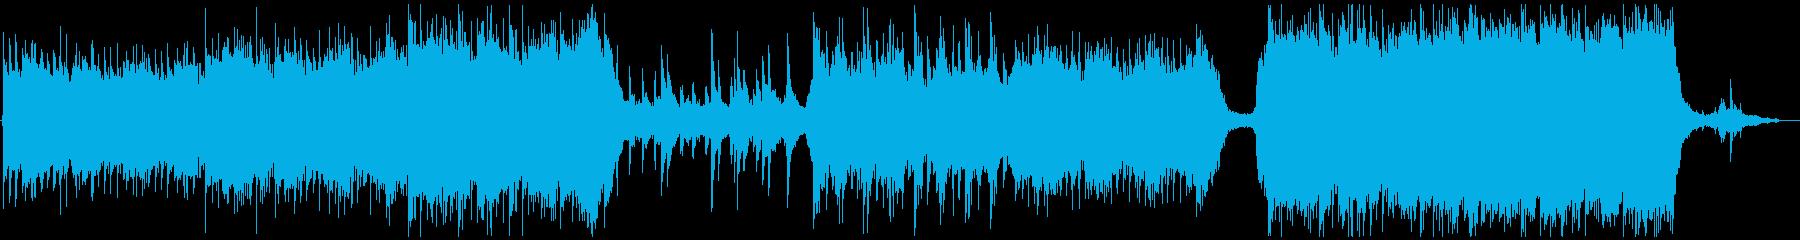 エモーショナルオーケストラ/メインテーマの再生済みの波形